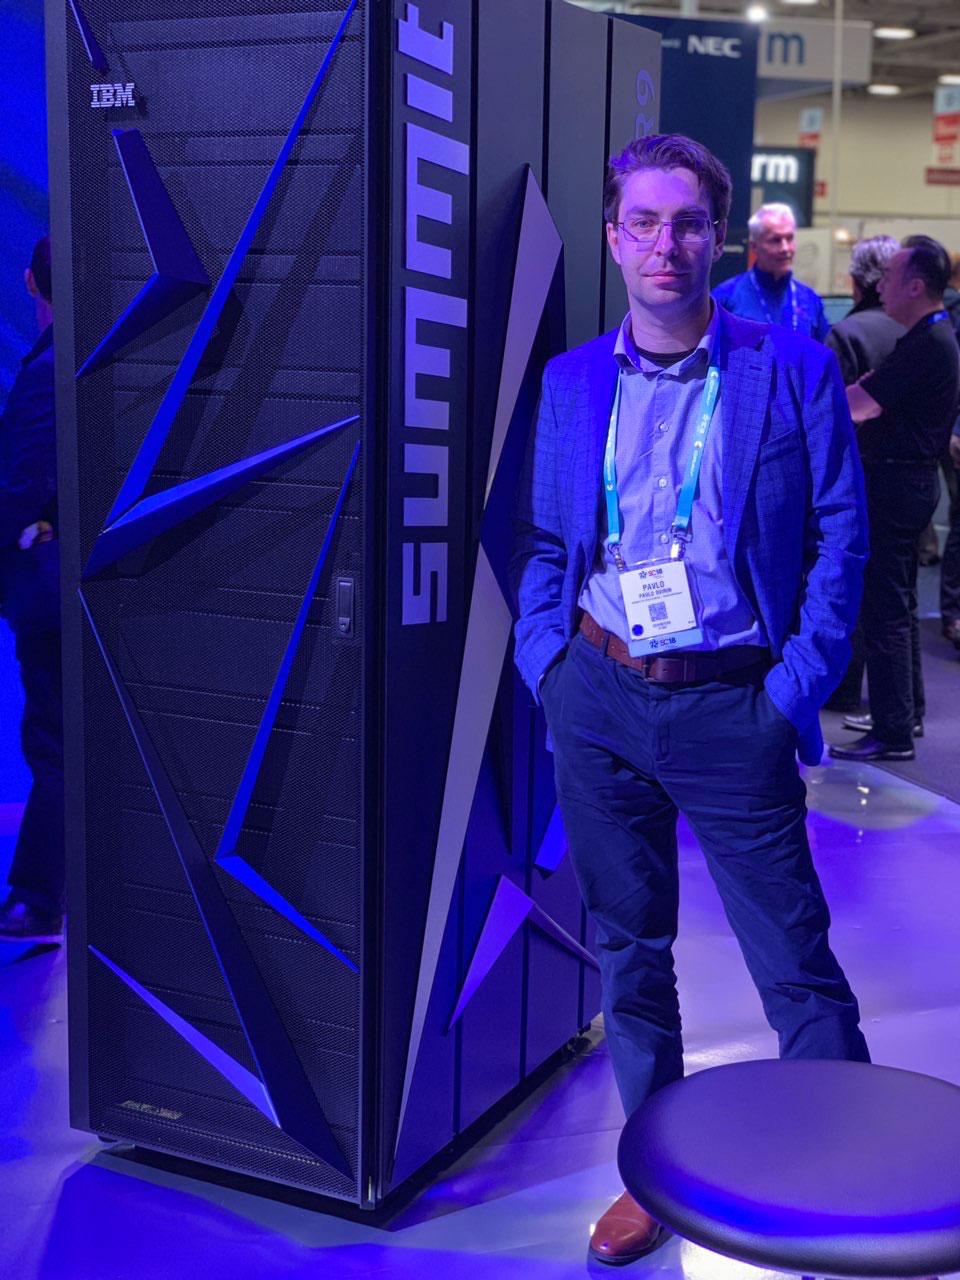 Я і блок суперкомп'ютеру Summit на виставці HPC'2018 в Далласі